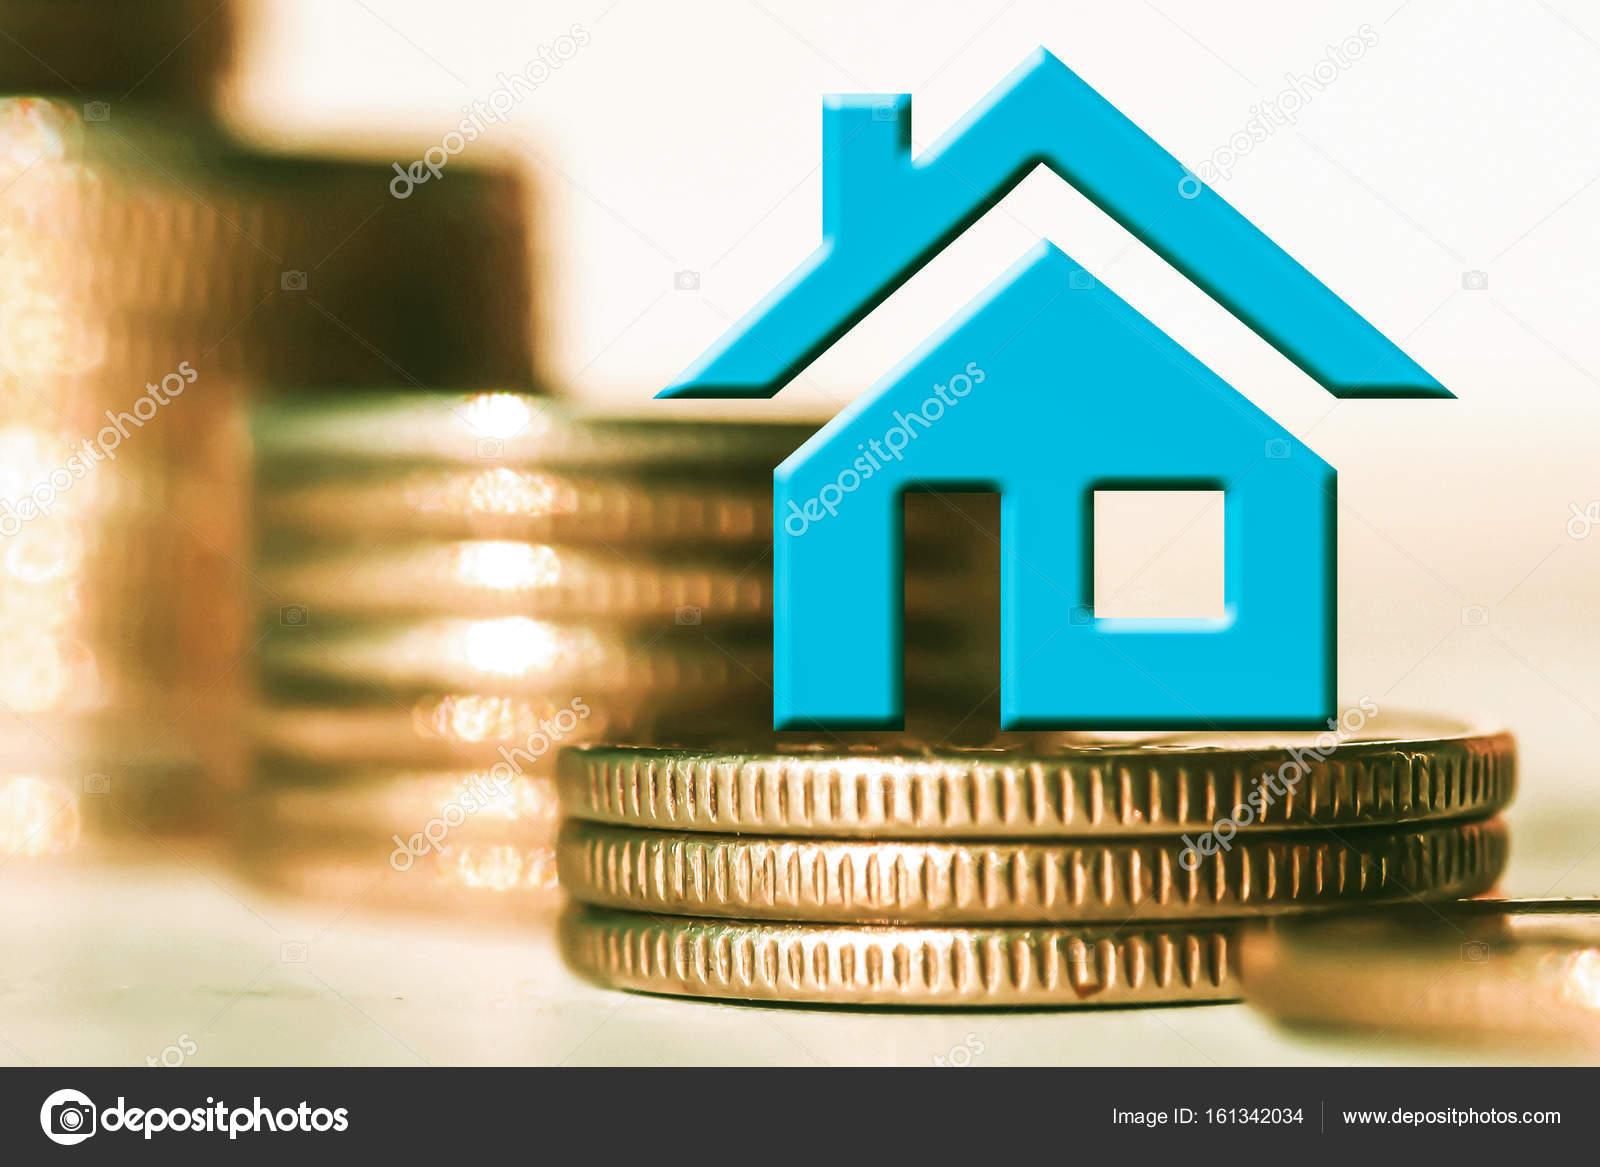 Lu0027immobile In Simbolo Su Un Fondo Di Denaro. Il Concetto Delle Variazioni  Dei Prezzi Sul Mercato Immobiliare U2014 Foto Di Vlerijse